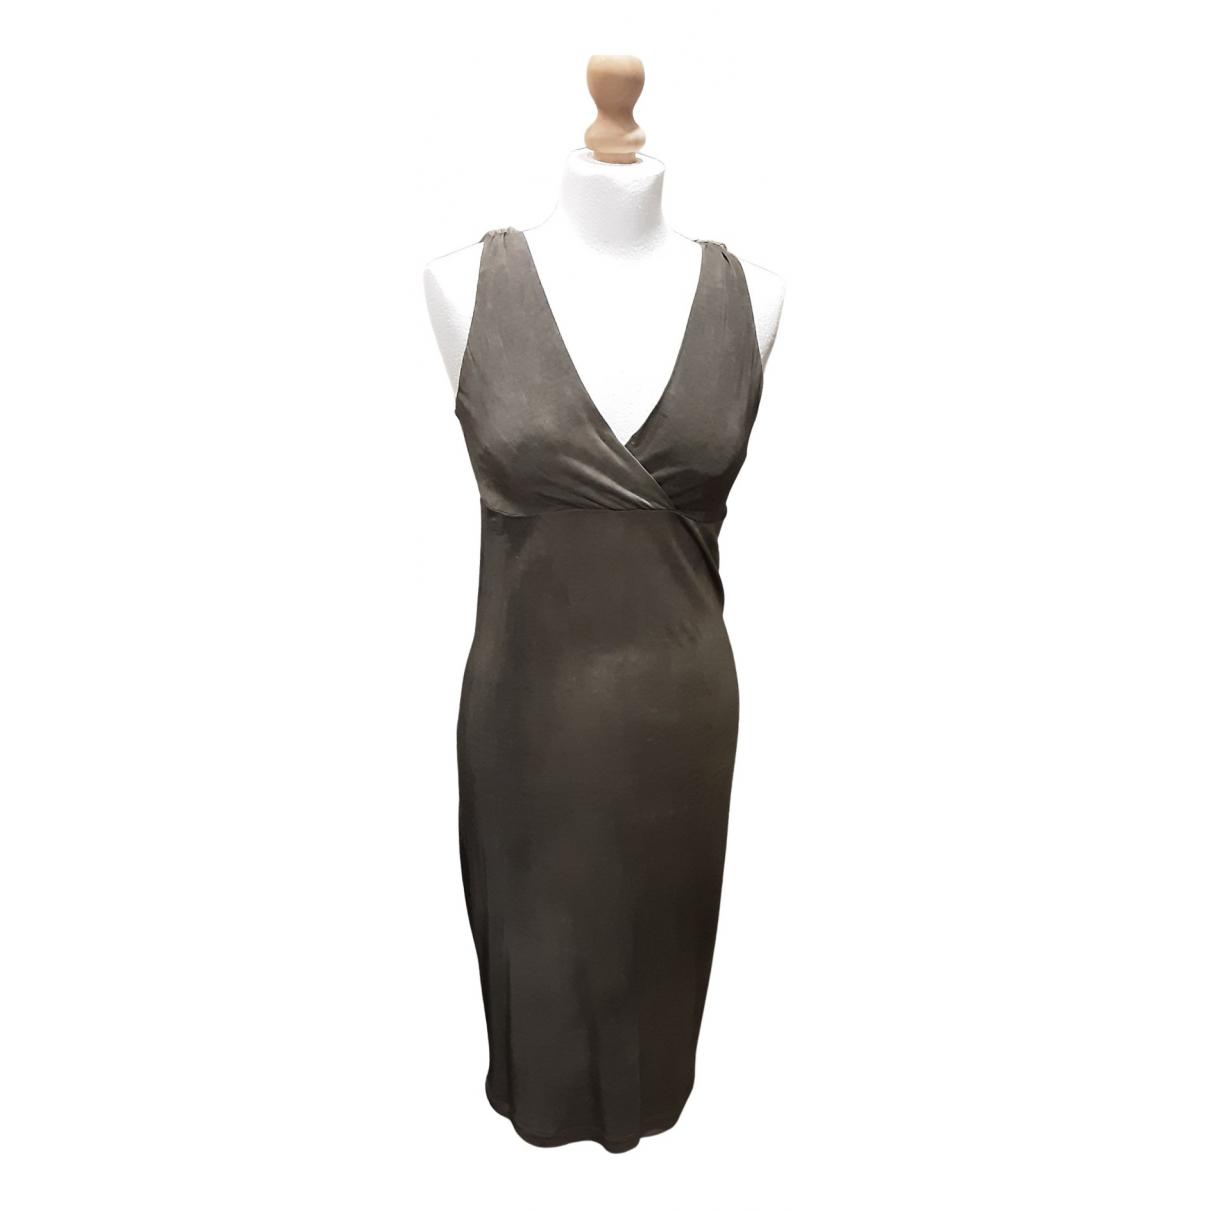 Alessandrini \N Kleid in  Khaki Viskose